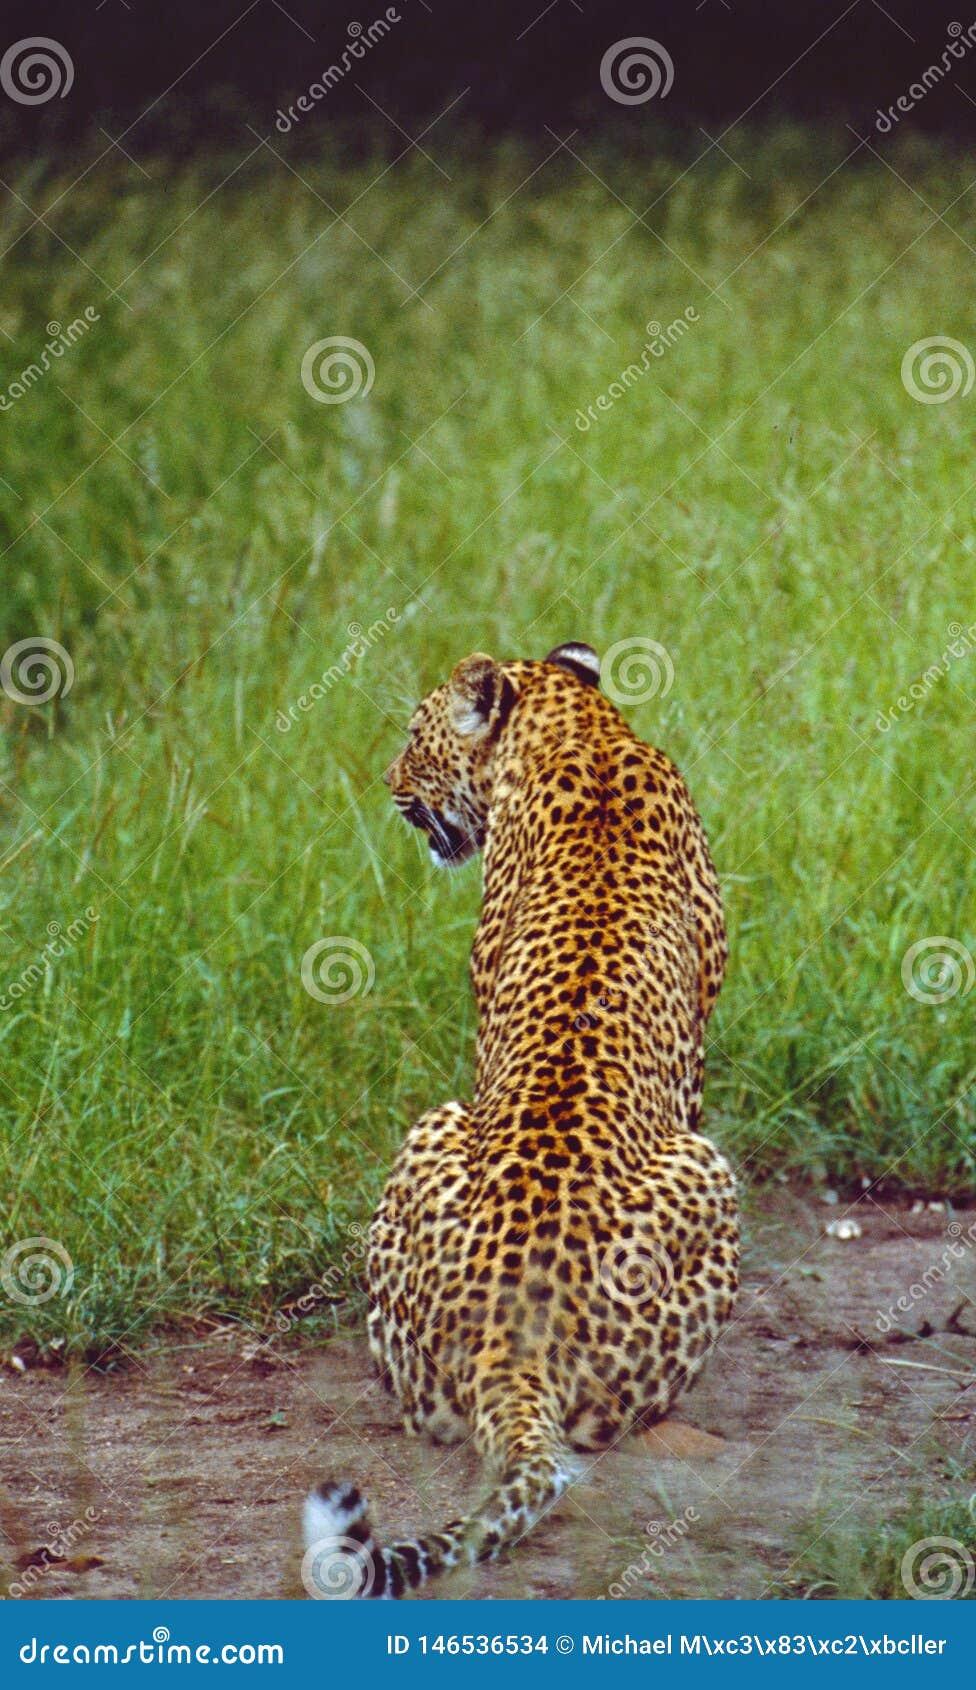 Südafrika: Leopard an der Shamwari-Spiel-Reserve in der Ostkap-Provinz